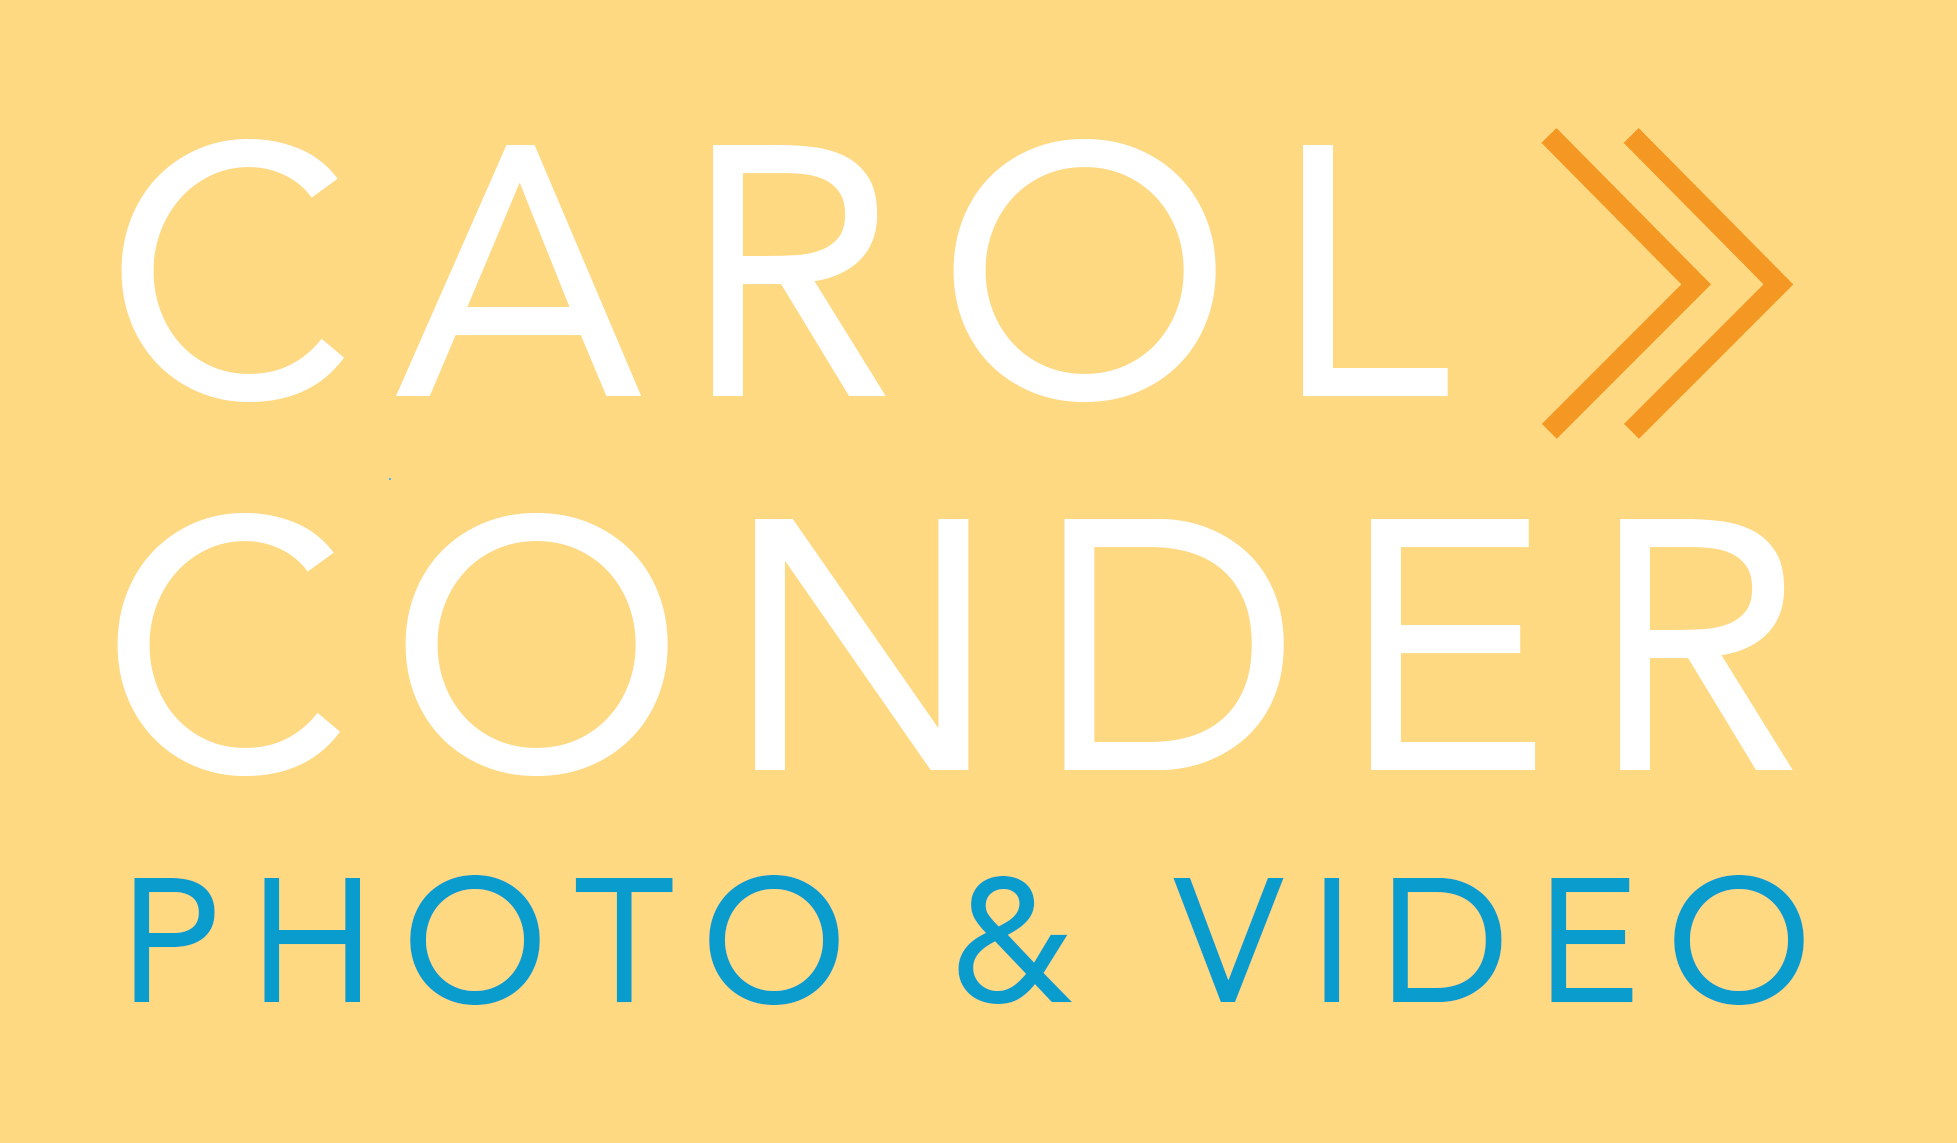 Carol Condor